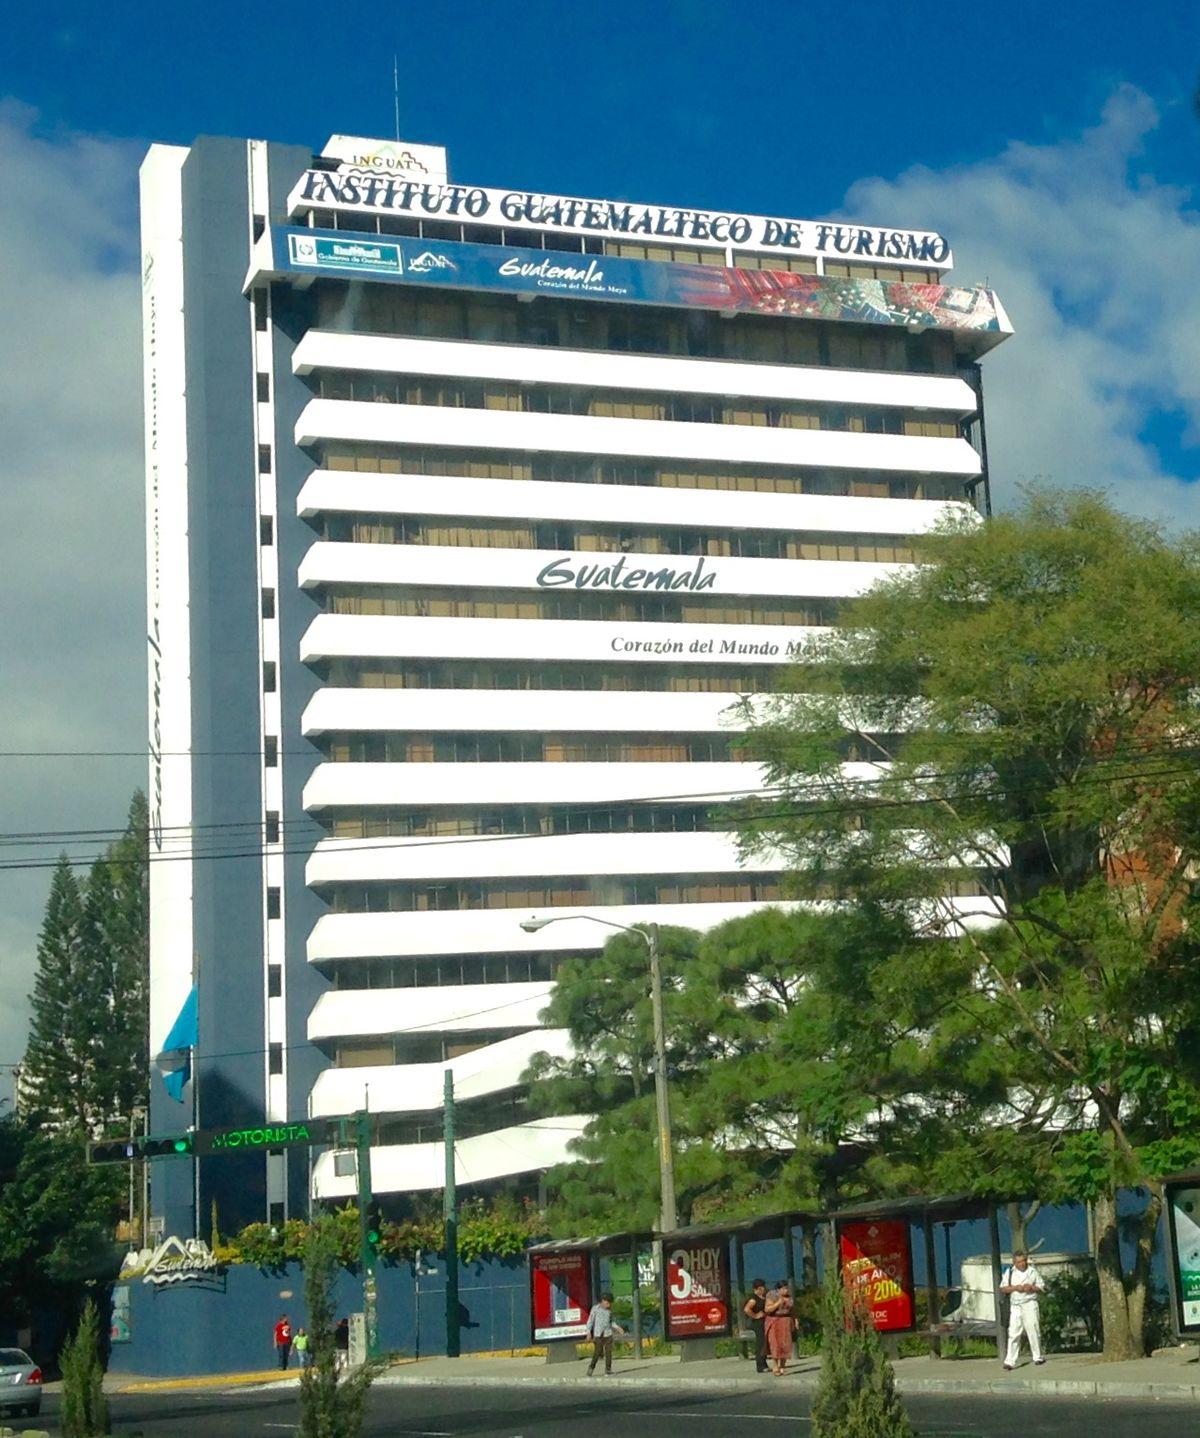 Instituto guatemalteco de turismo wikipedia la for Funciones de una oficina wikipedia